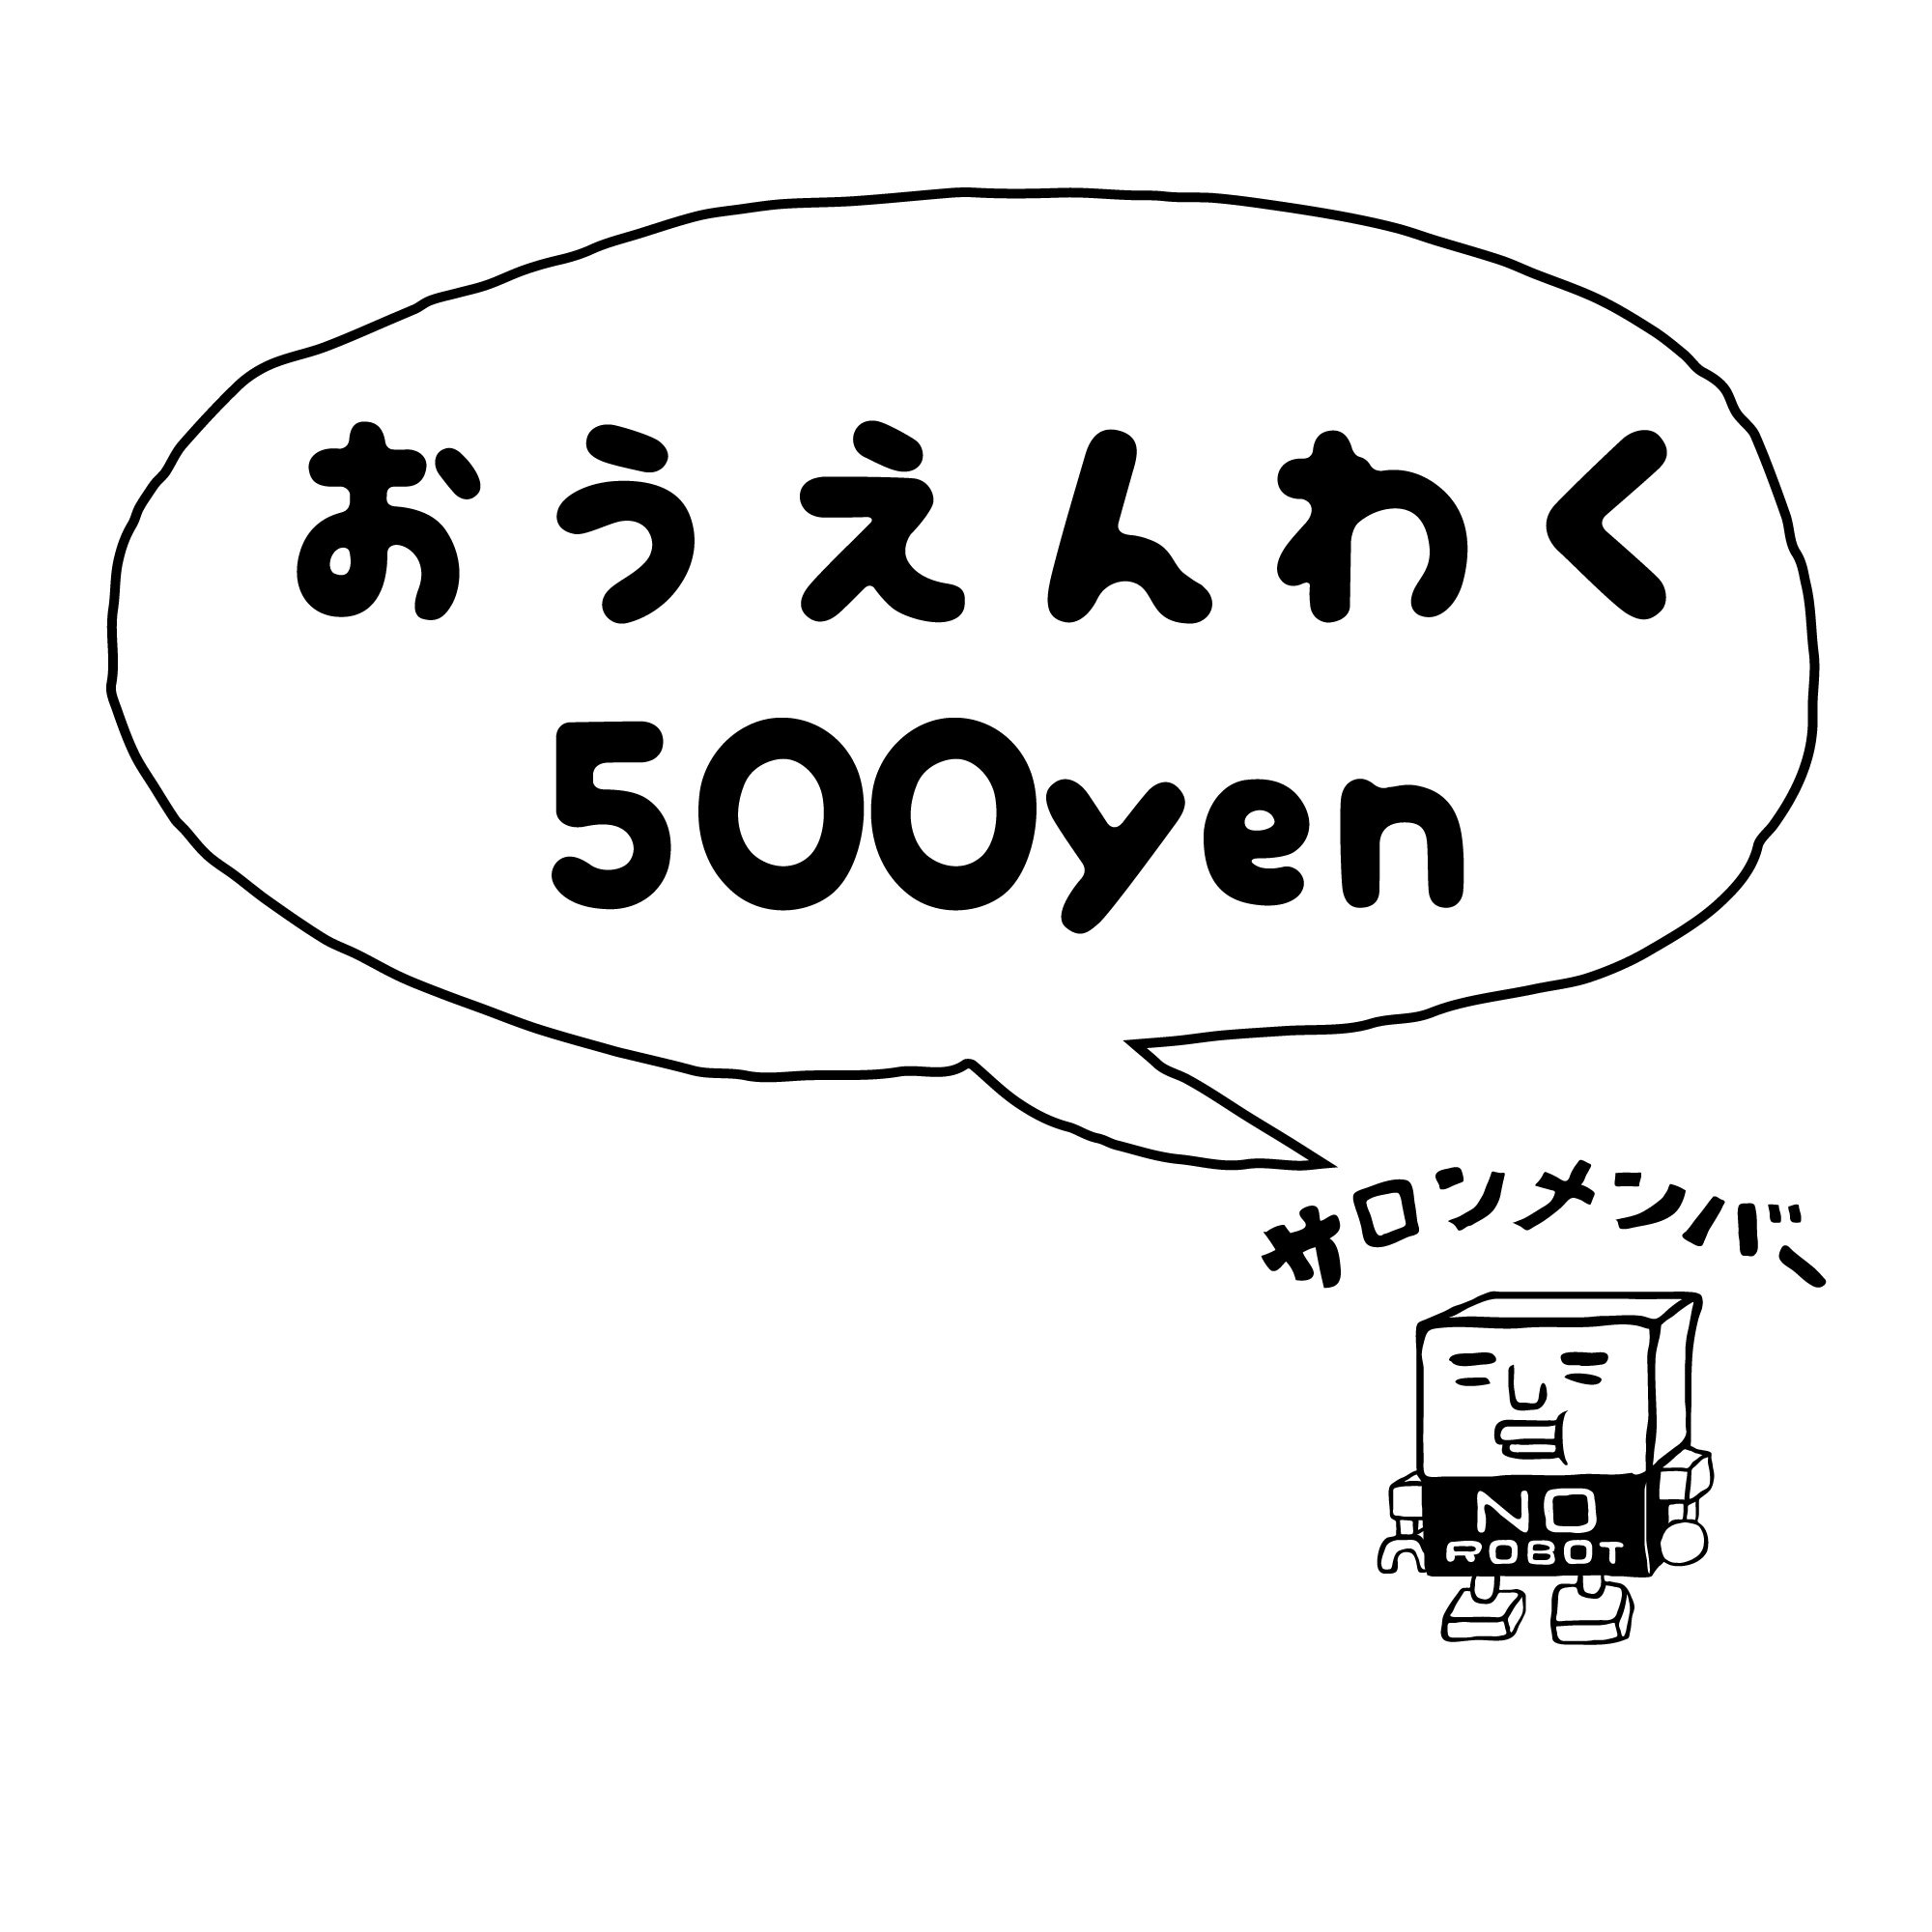 【応援枠】500円のイメージその1